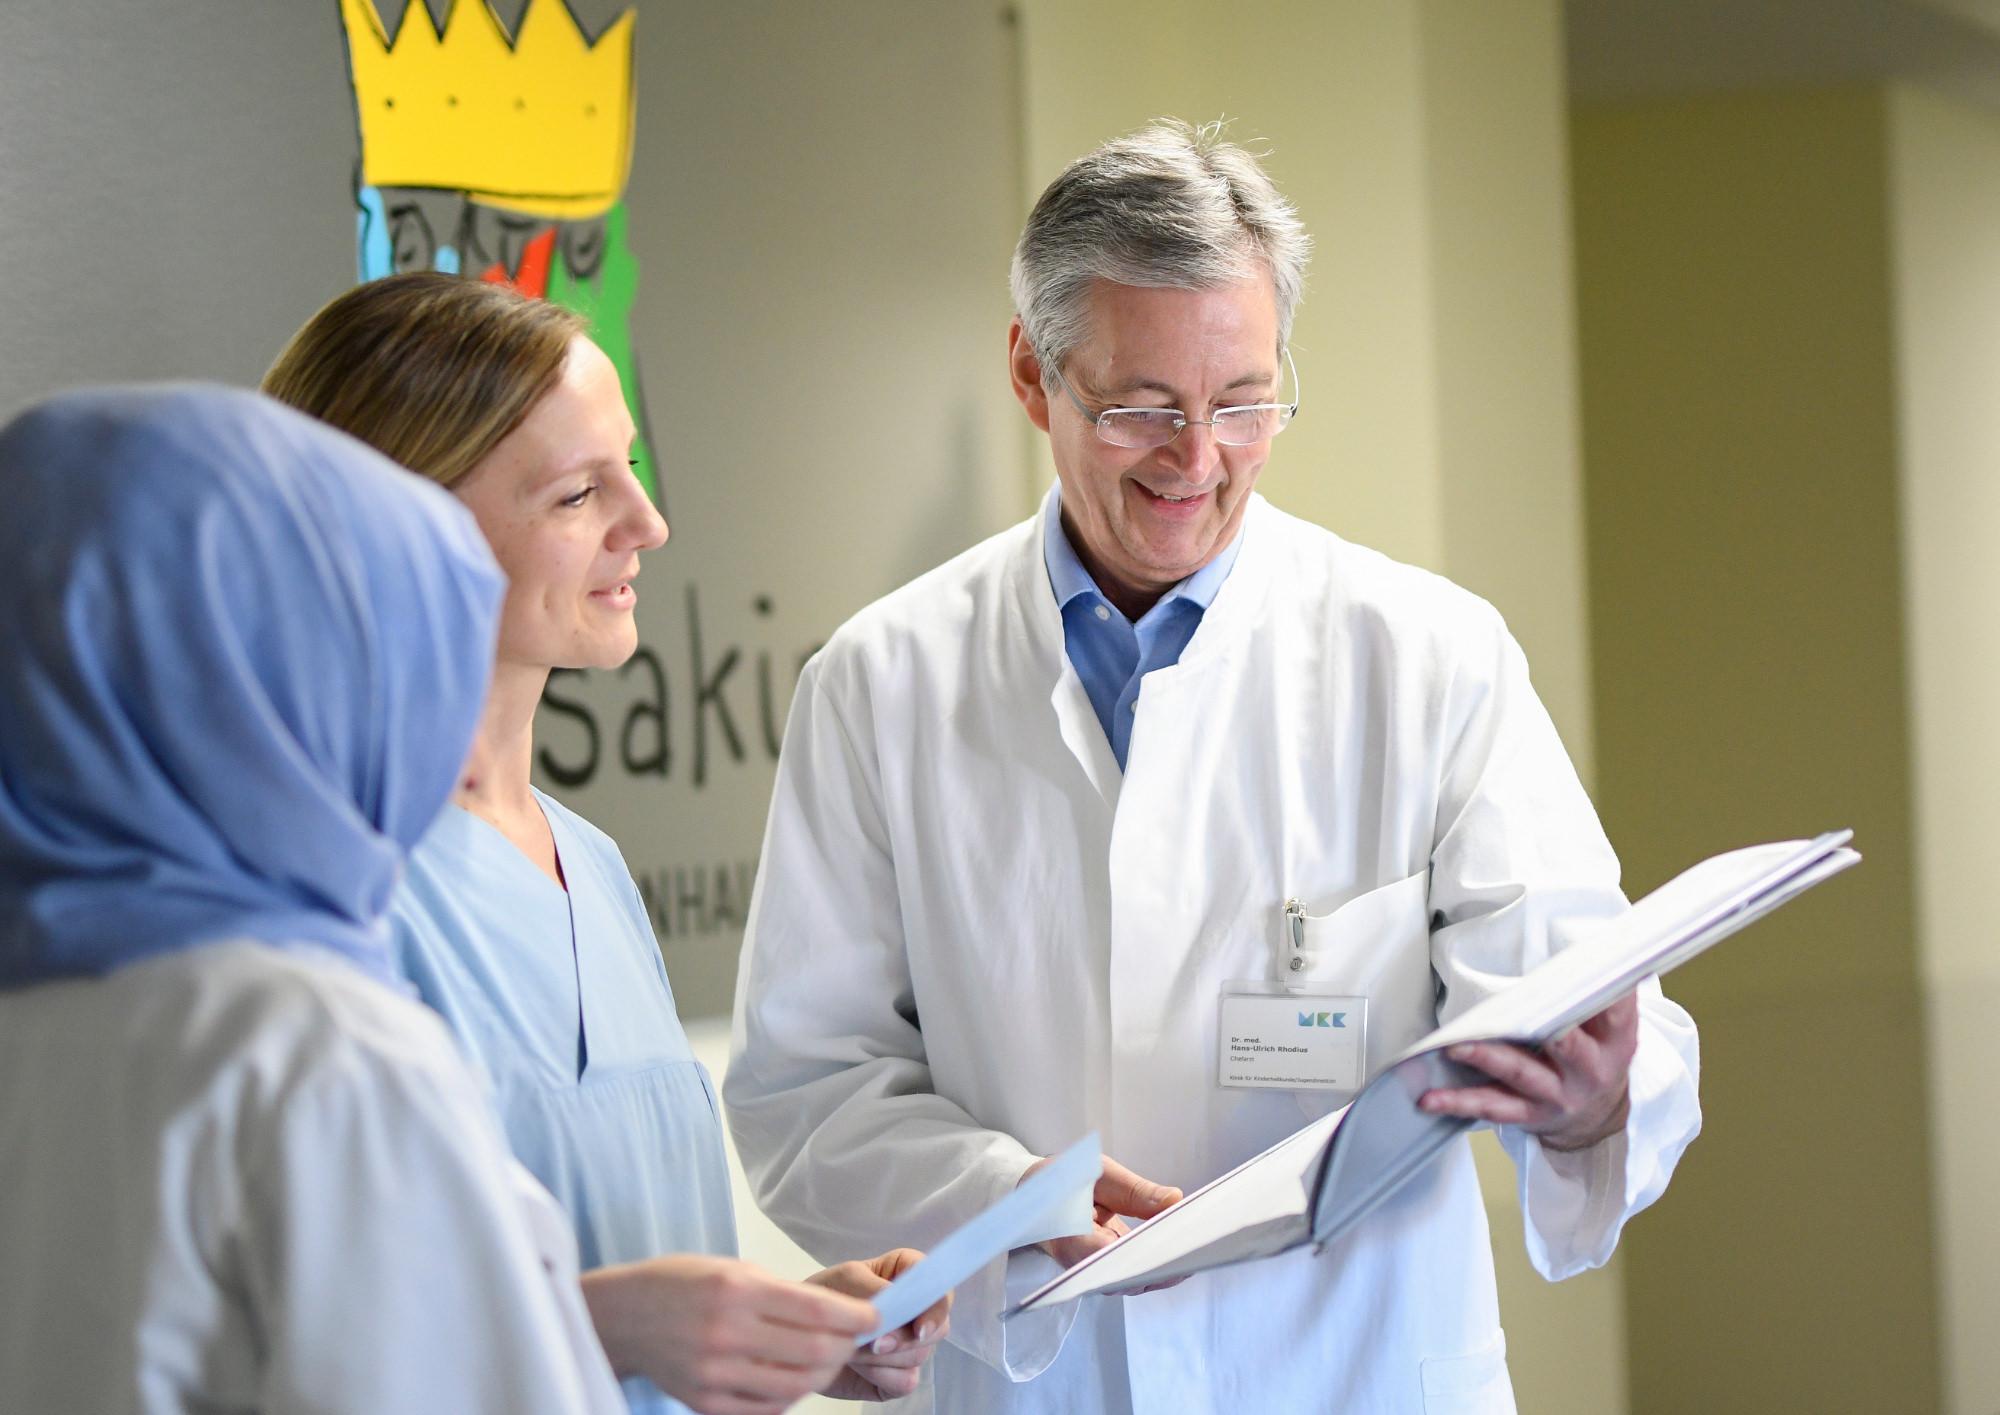 Arzt mit Mitarbeiter